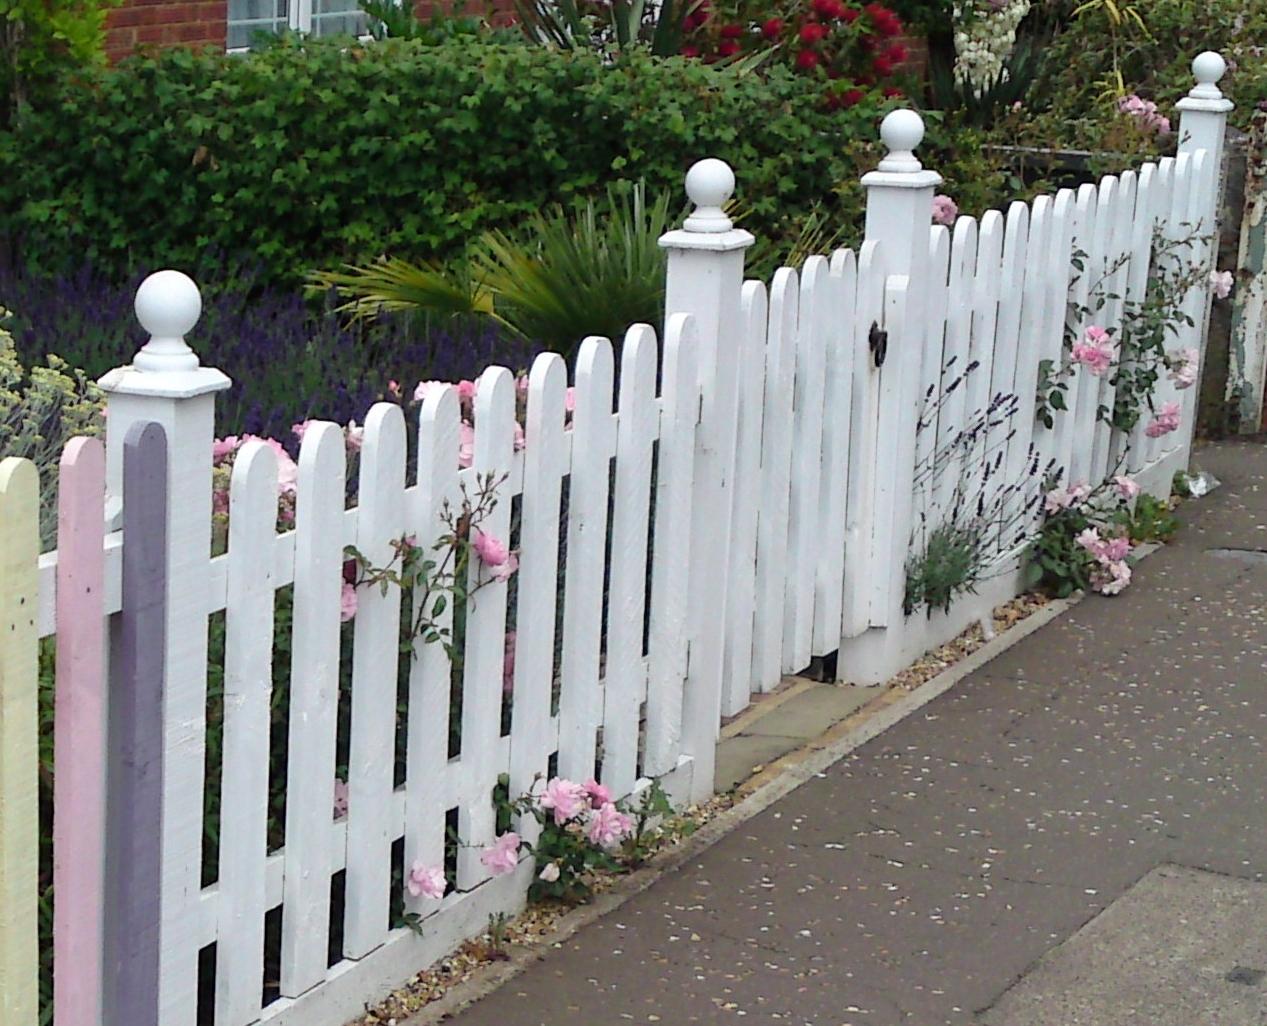 white picket fence, March, Doddington